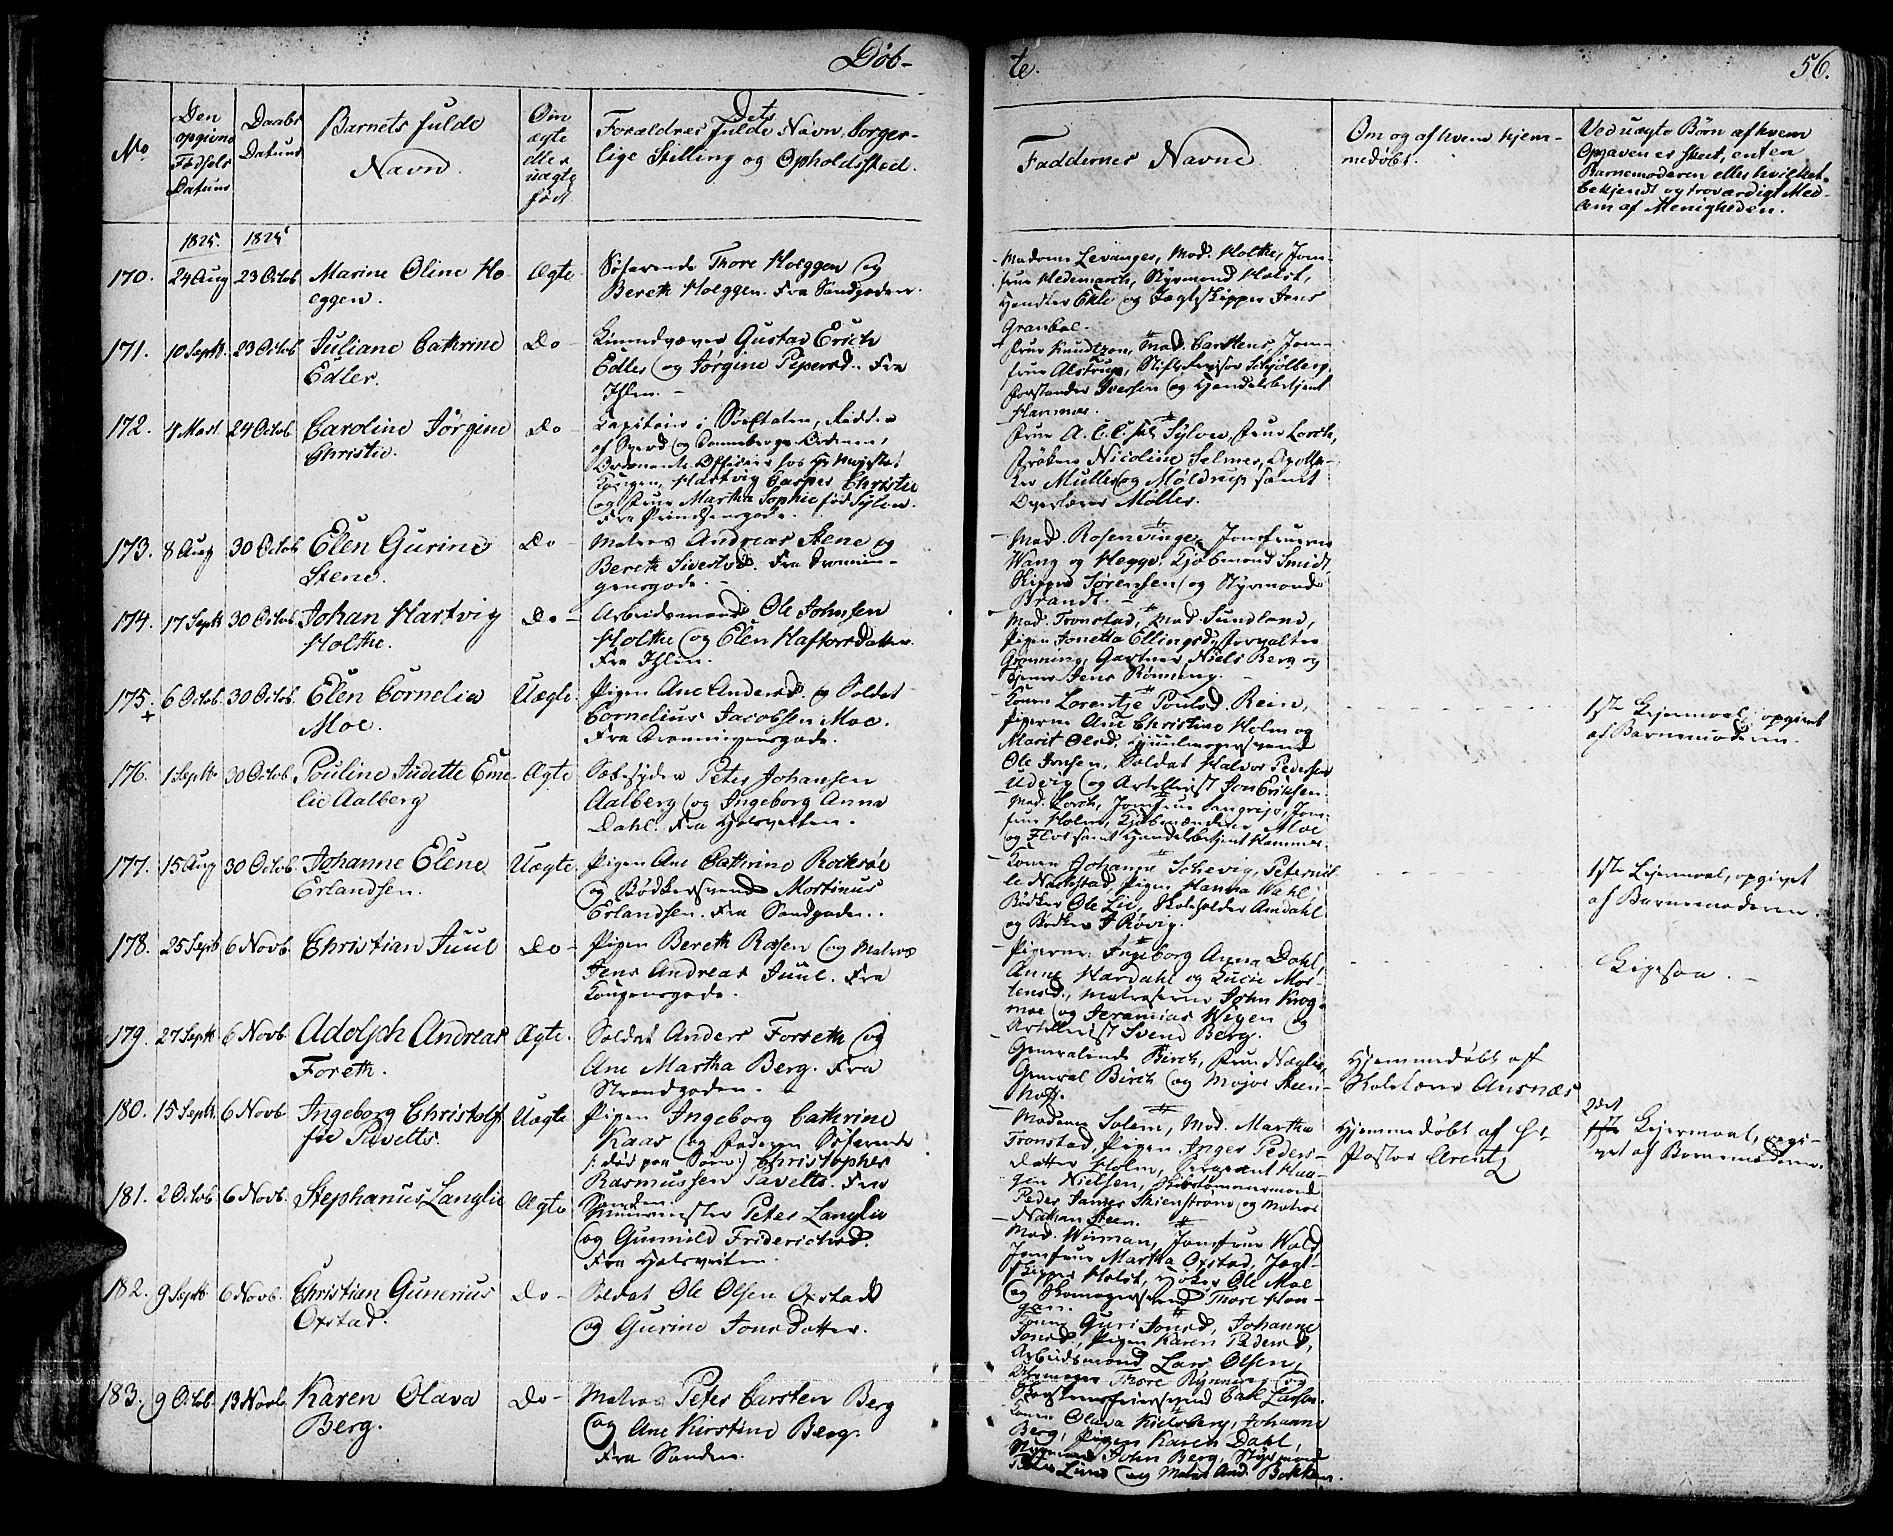 SAT, Ministerialprotokoller, klokkerbøker og fødselsregistre - Sør-Trøndelag, 601/L0045: Ministerialbok nr. 601A13, 1821-1831, s. 56